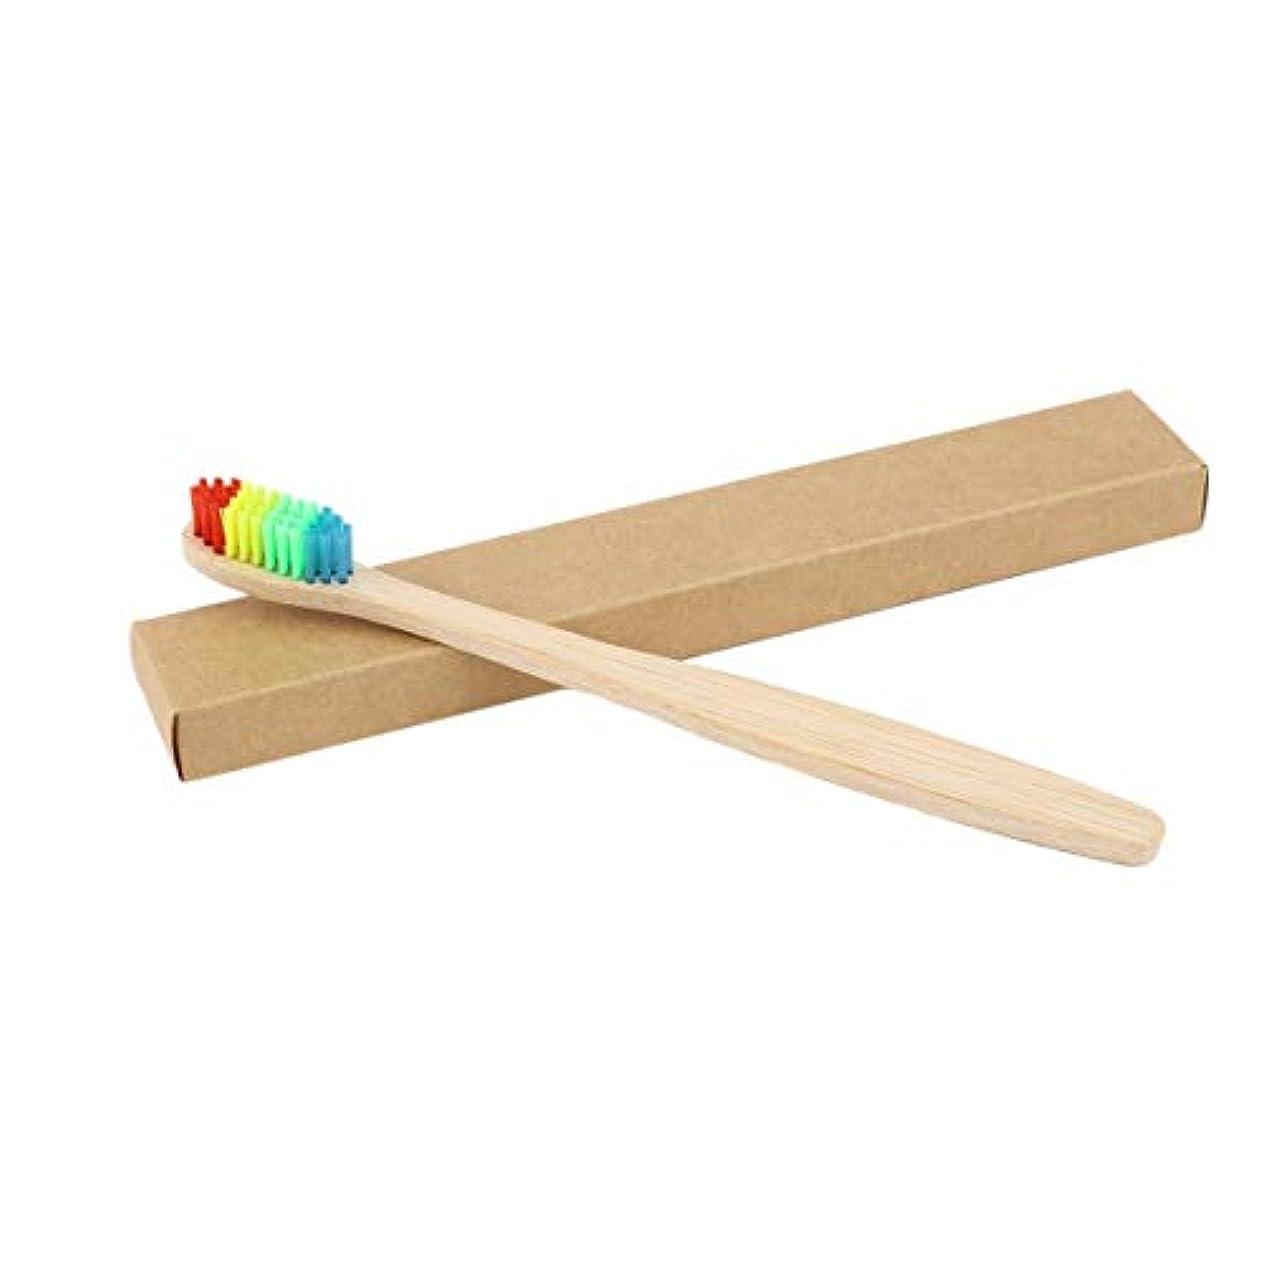 シャイニングマーキング流星カラフルな髪+竹のハンドル歯ブラシ環境木製の虹竹の歯ブラシオーラルケアソフト剛毛ユニセックス - ウッドカラー+カラフル